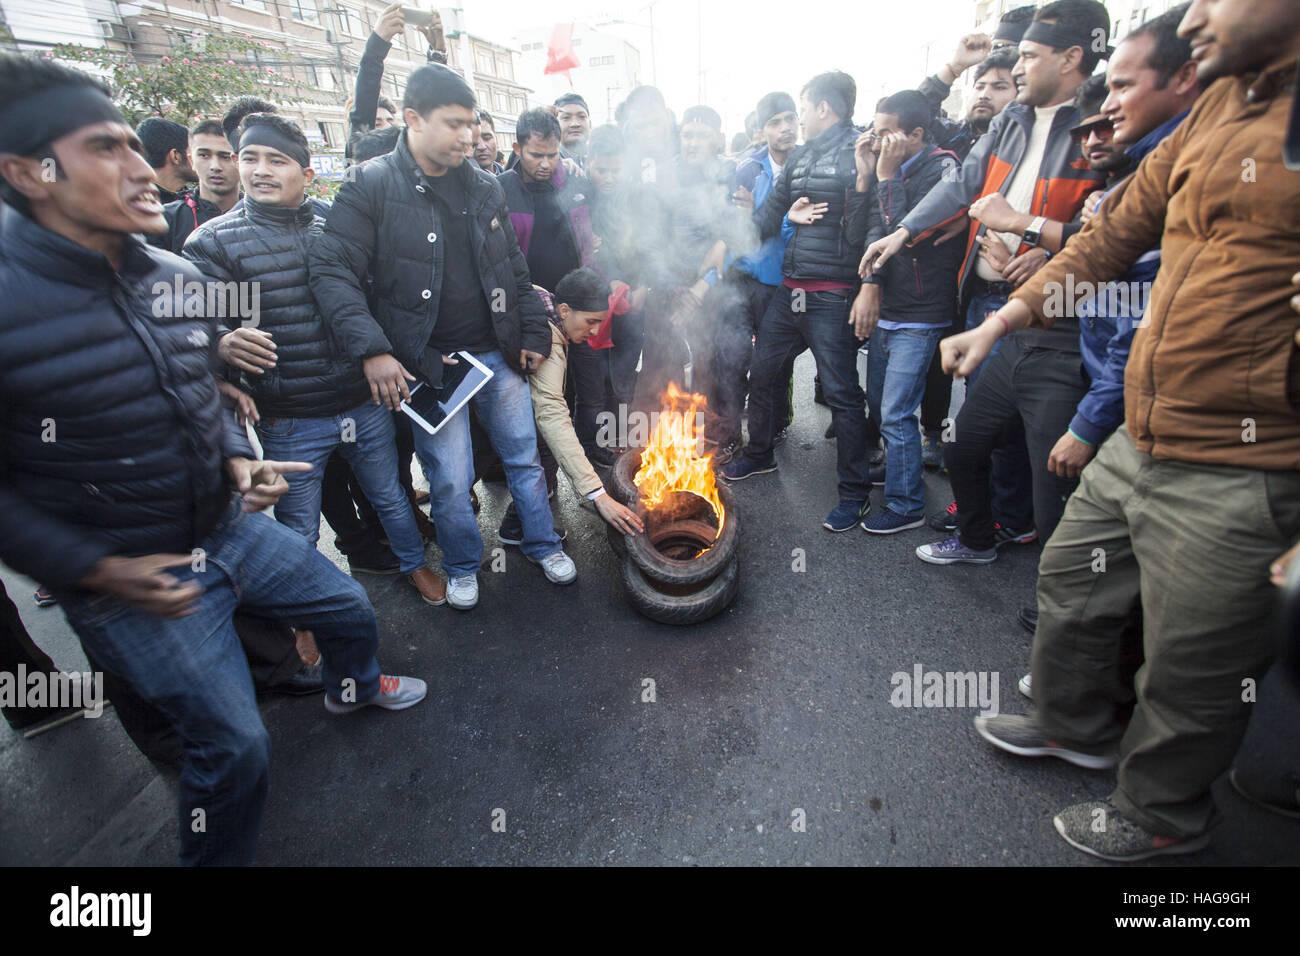 Kathmandu, Nepal. 30. November 2016. Demonstranten verbrennen Reifen während einer Protestaktion gegen die Stockbild